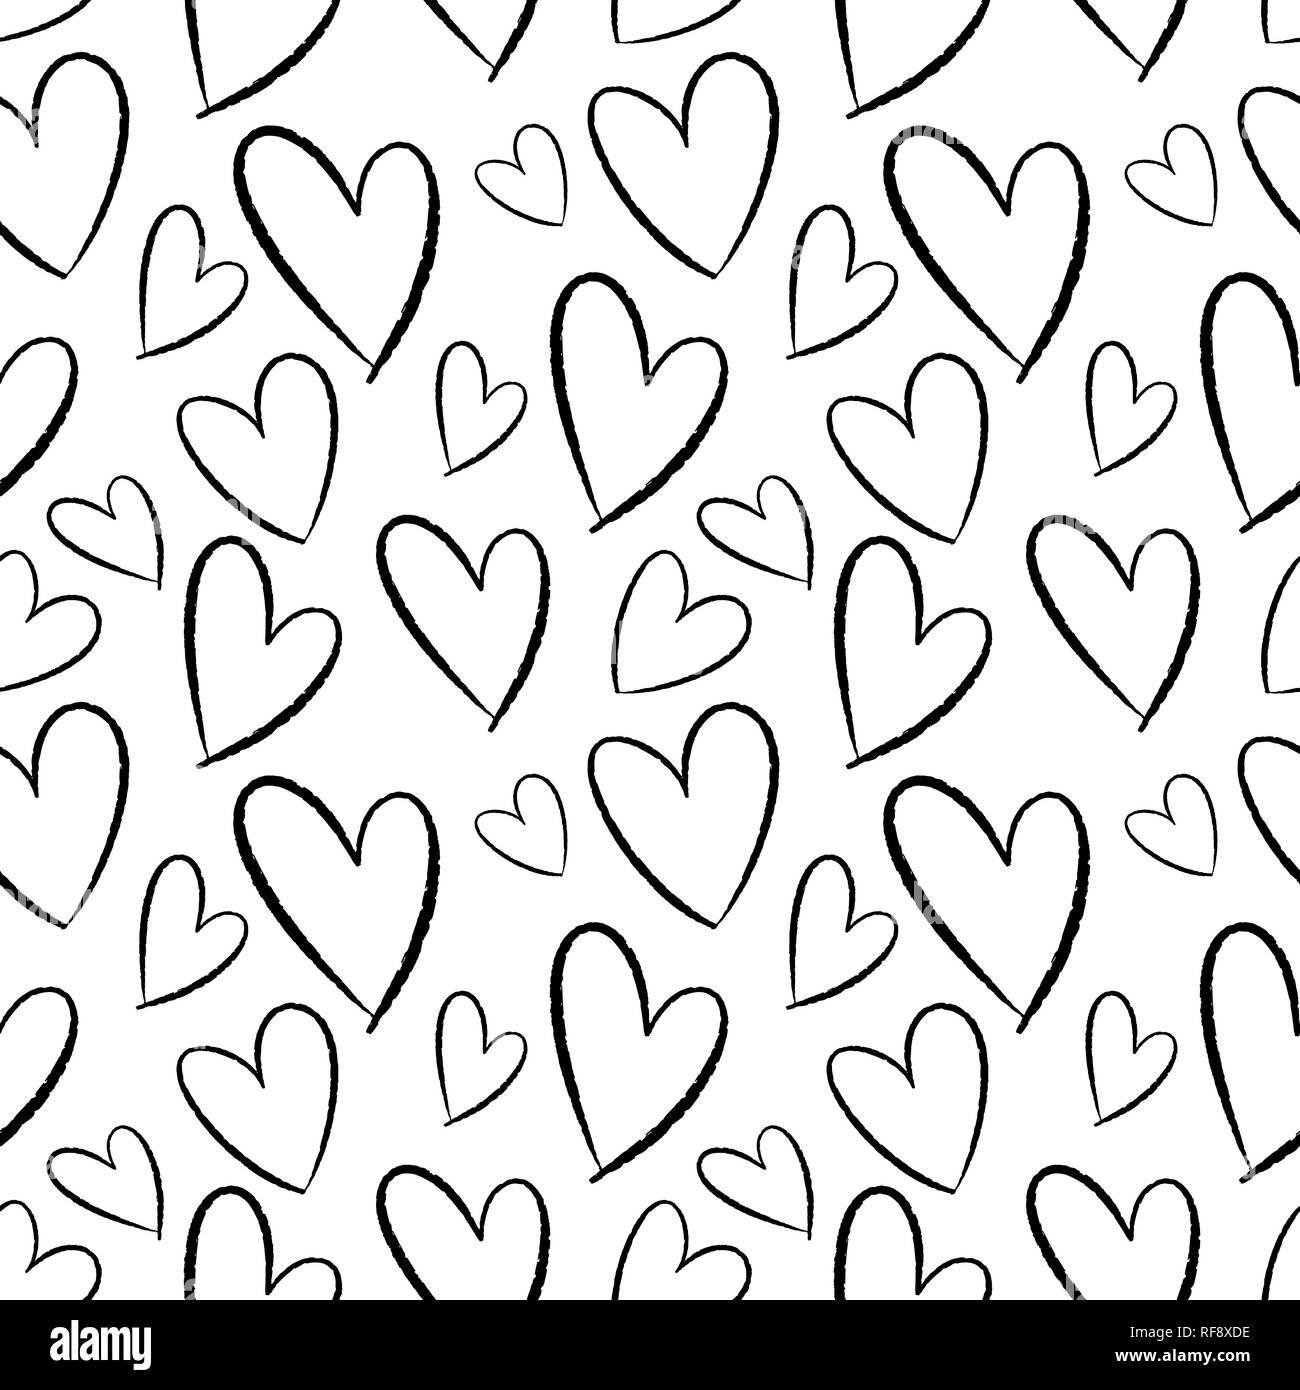 Nahtlose Muster von Hand gezeichnete Herzen. Hintergrund für Karten, Papiere, Stoffe, Tapeten, Dekoration, Werbebanner, Poster, Broschüren. Vektor illustra Stock Vektor